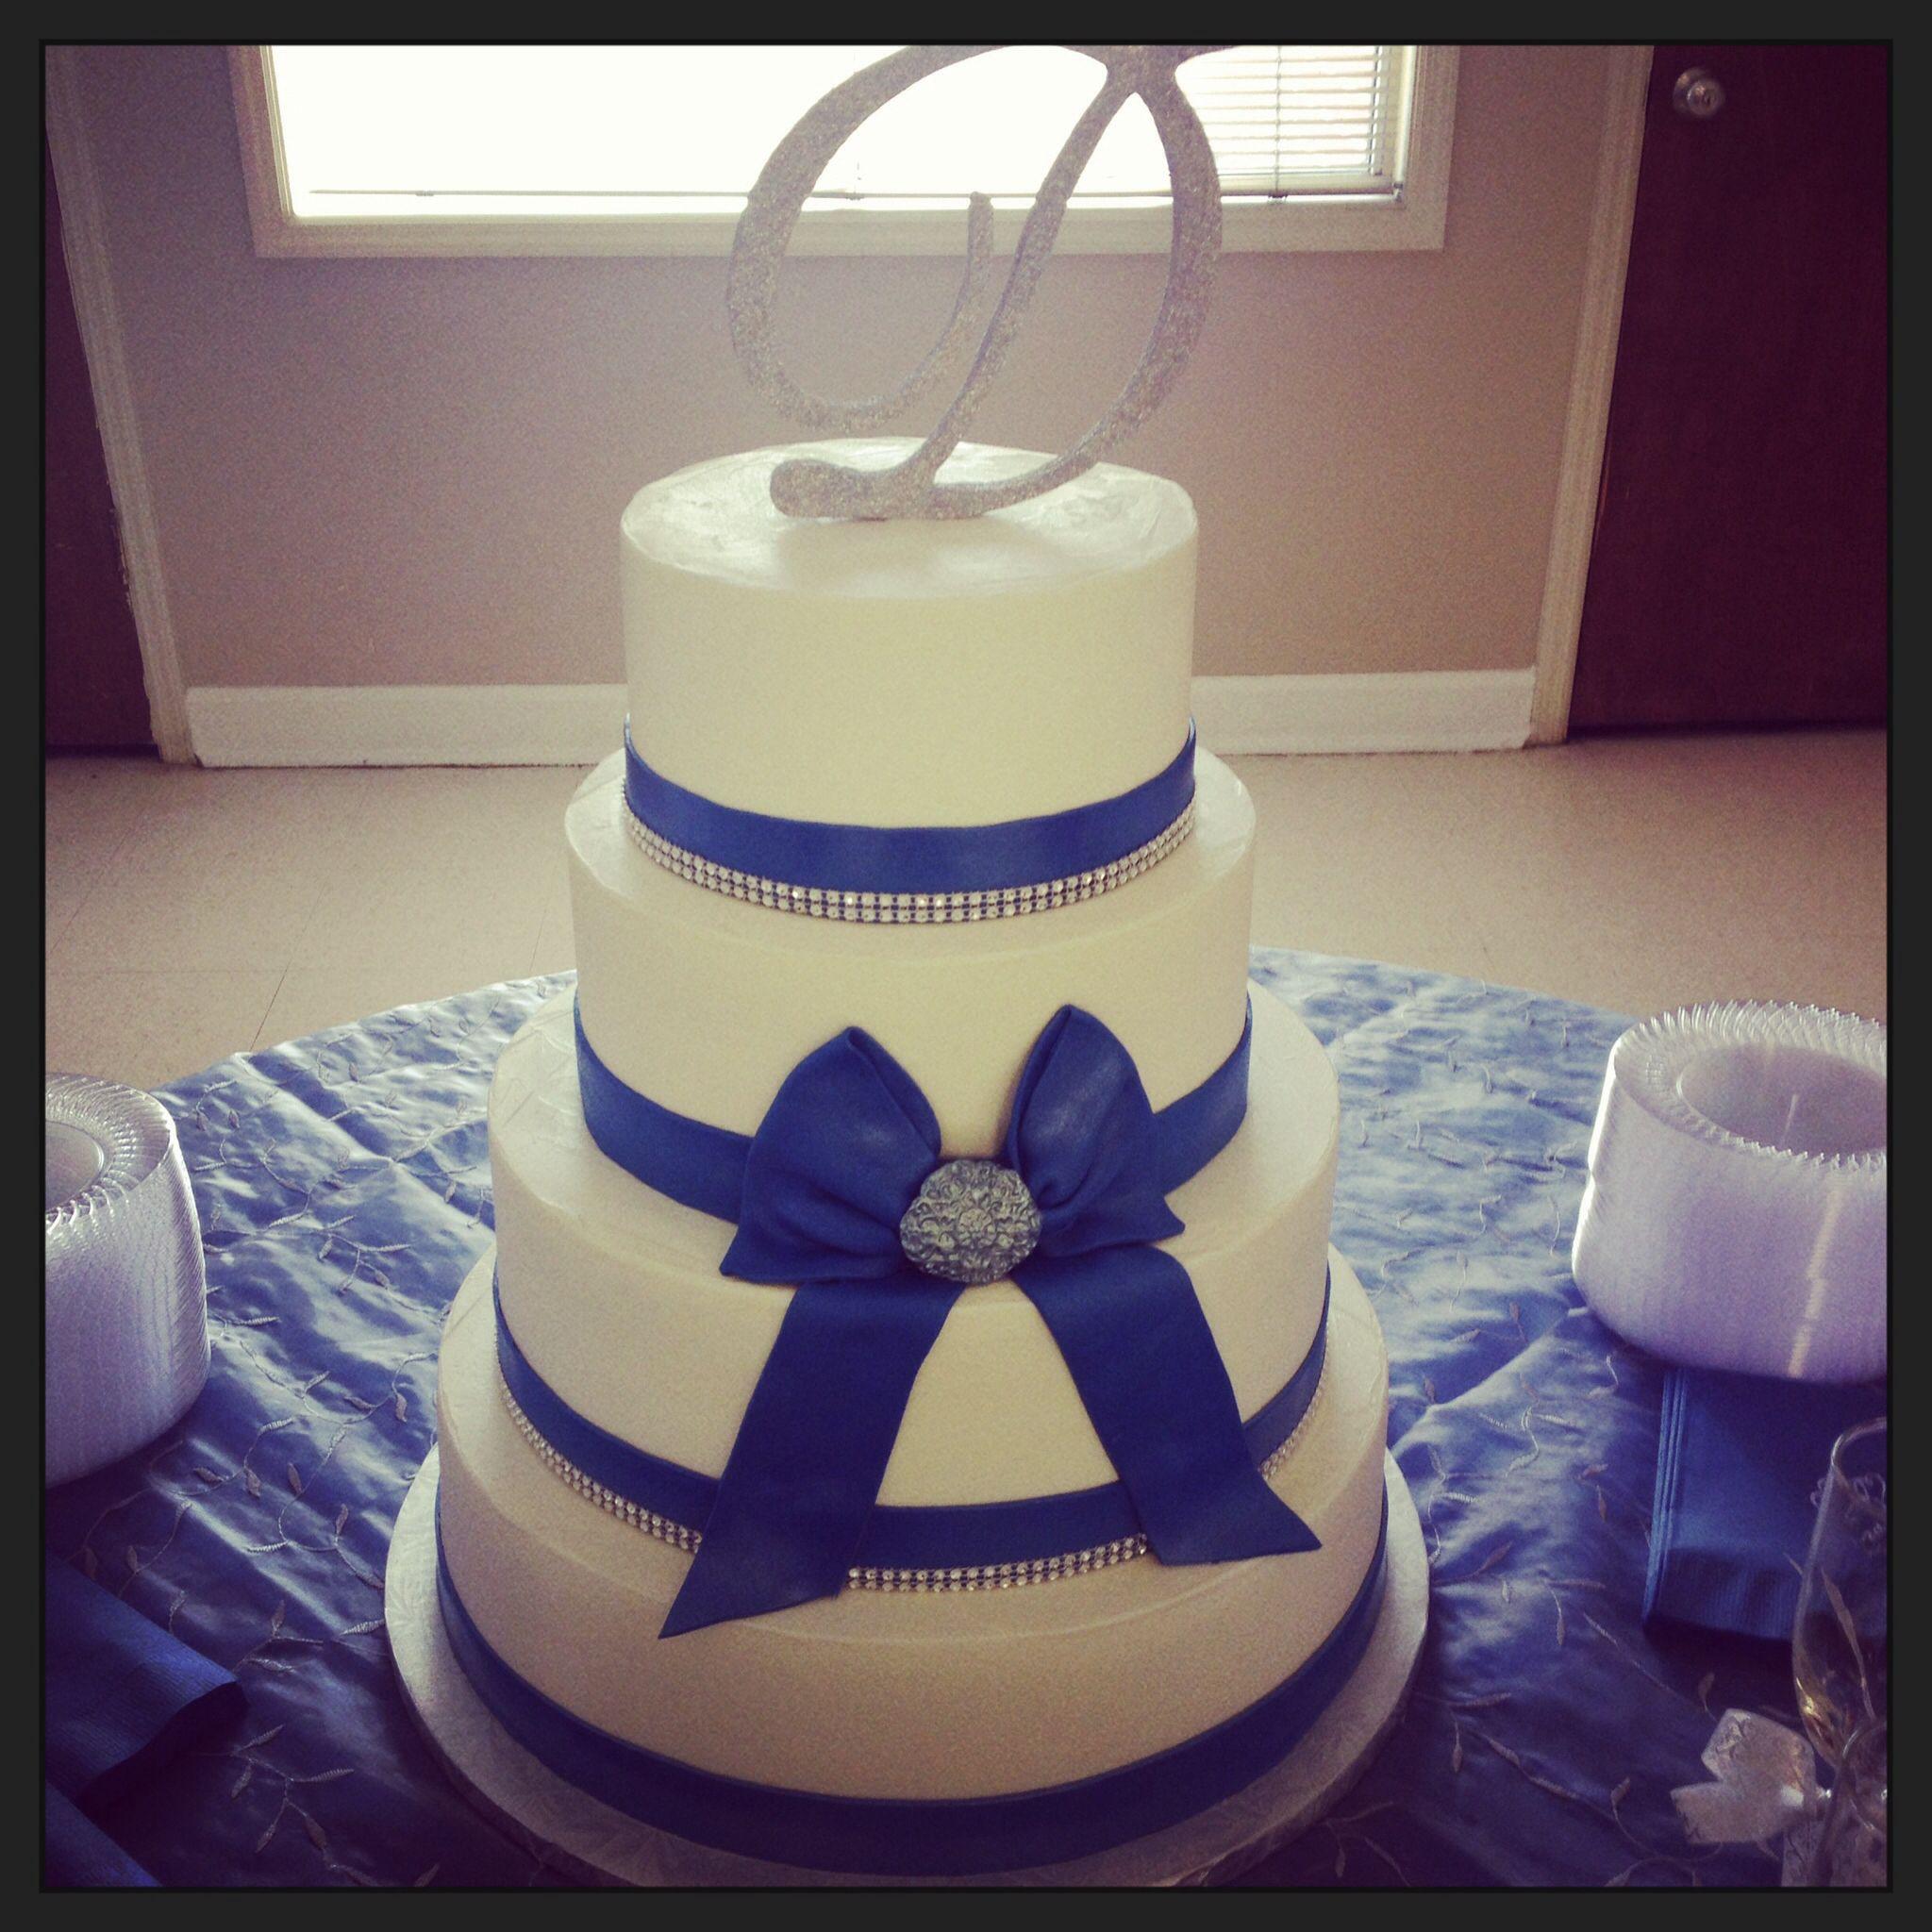 Wedding Cakes, Vow Renewal Cake